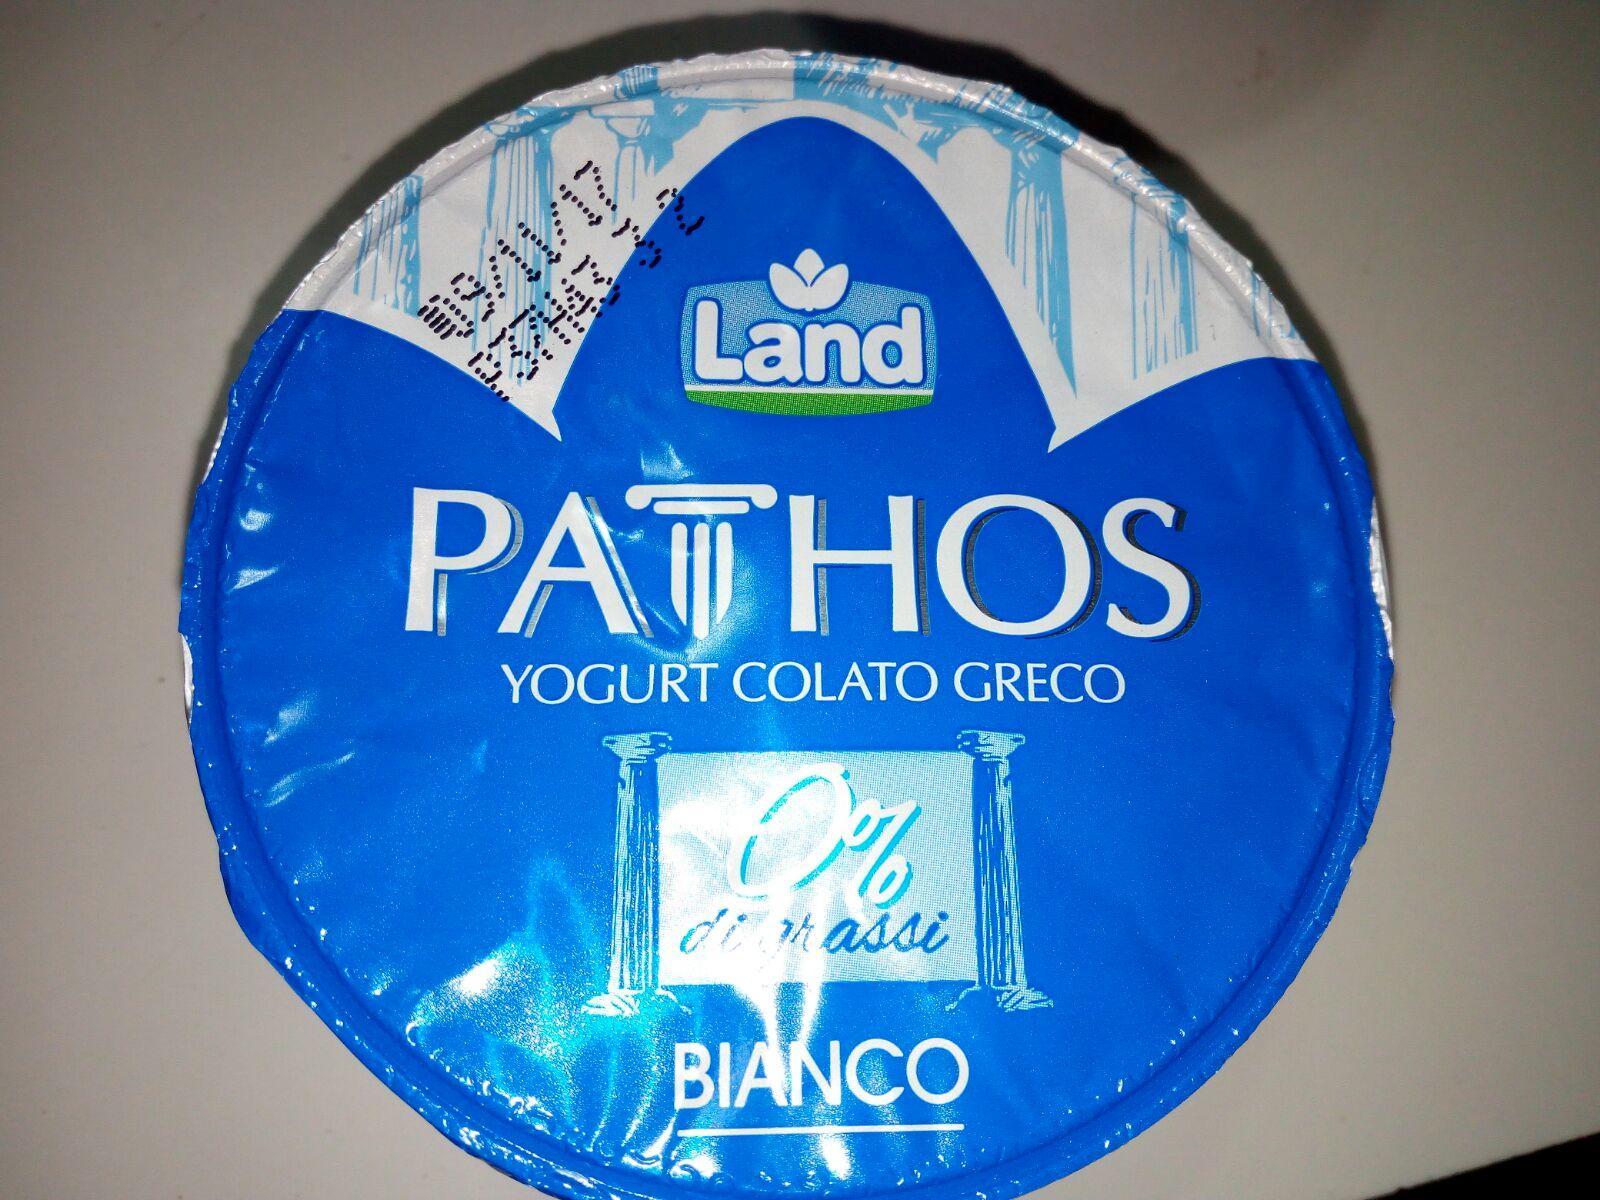 Le recensioni di francesca for Yogurt greco land